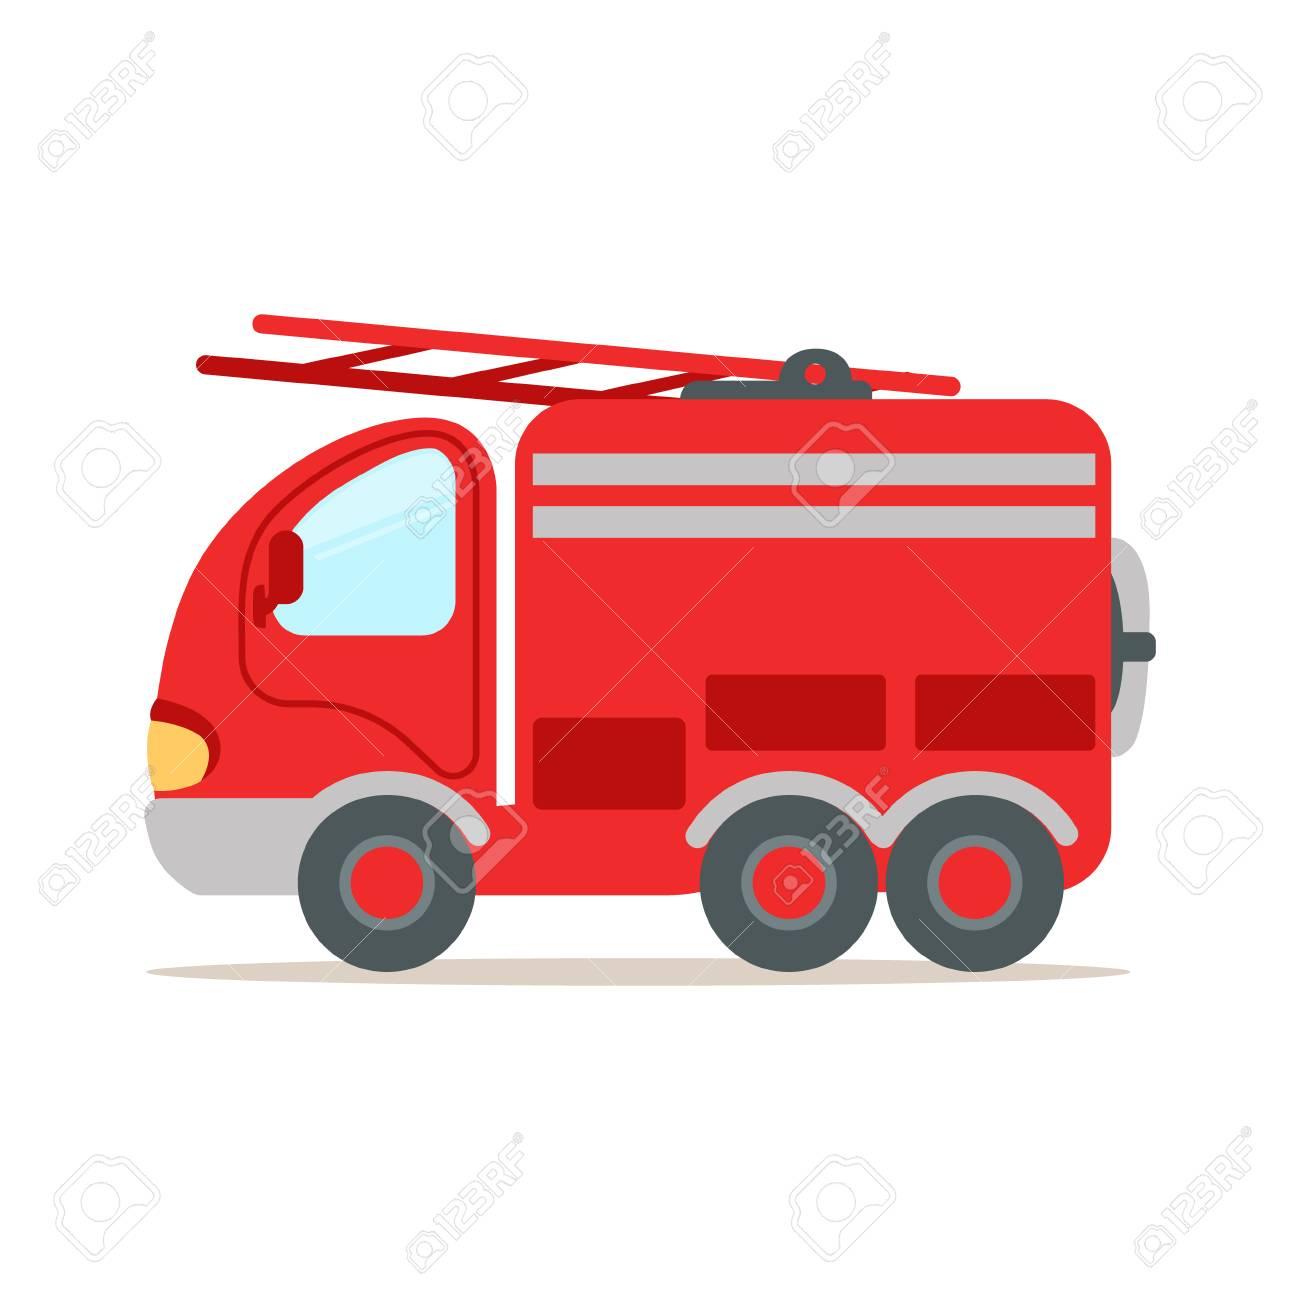 Camion De Pompier Rouge Vecteur De Dessin Anime Colore D Urgence